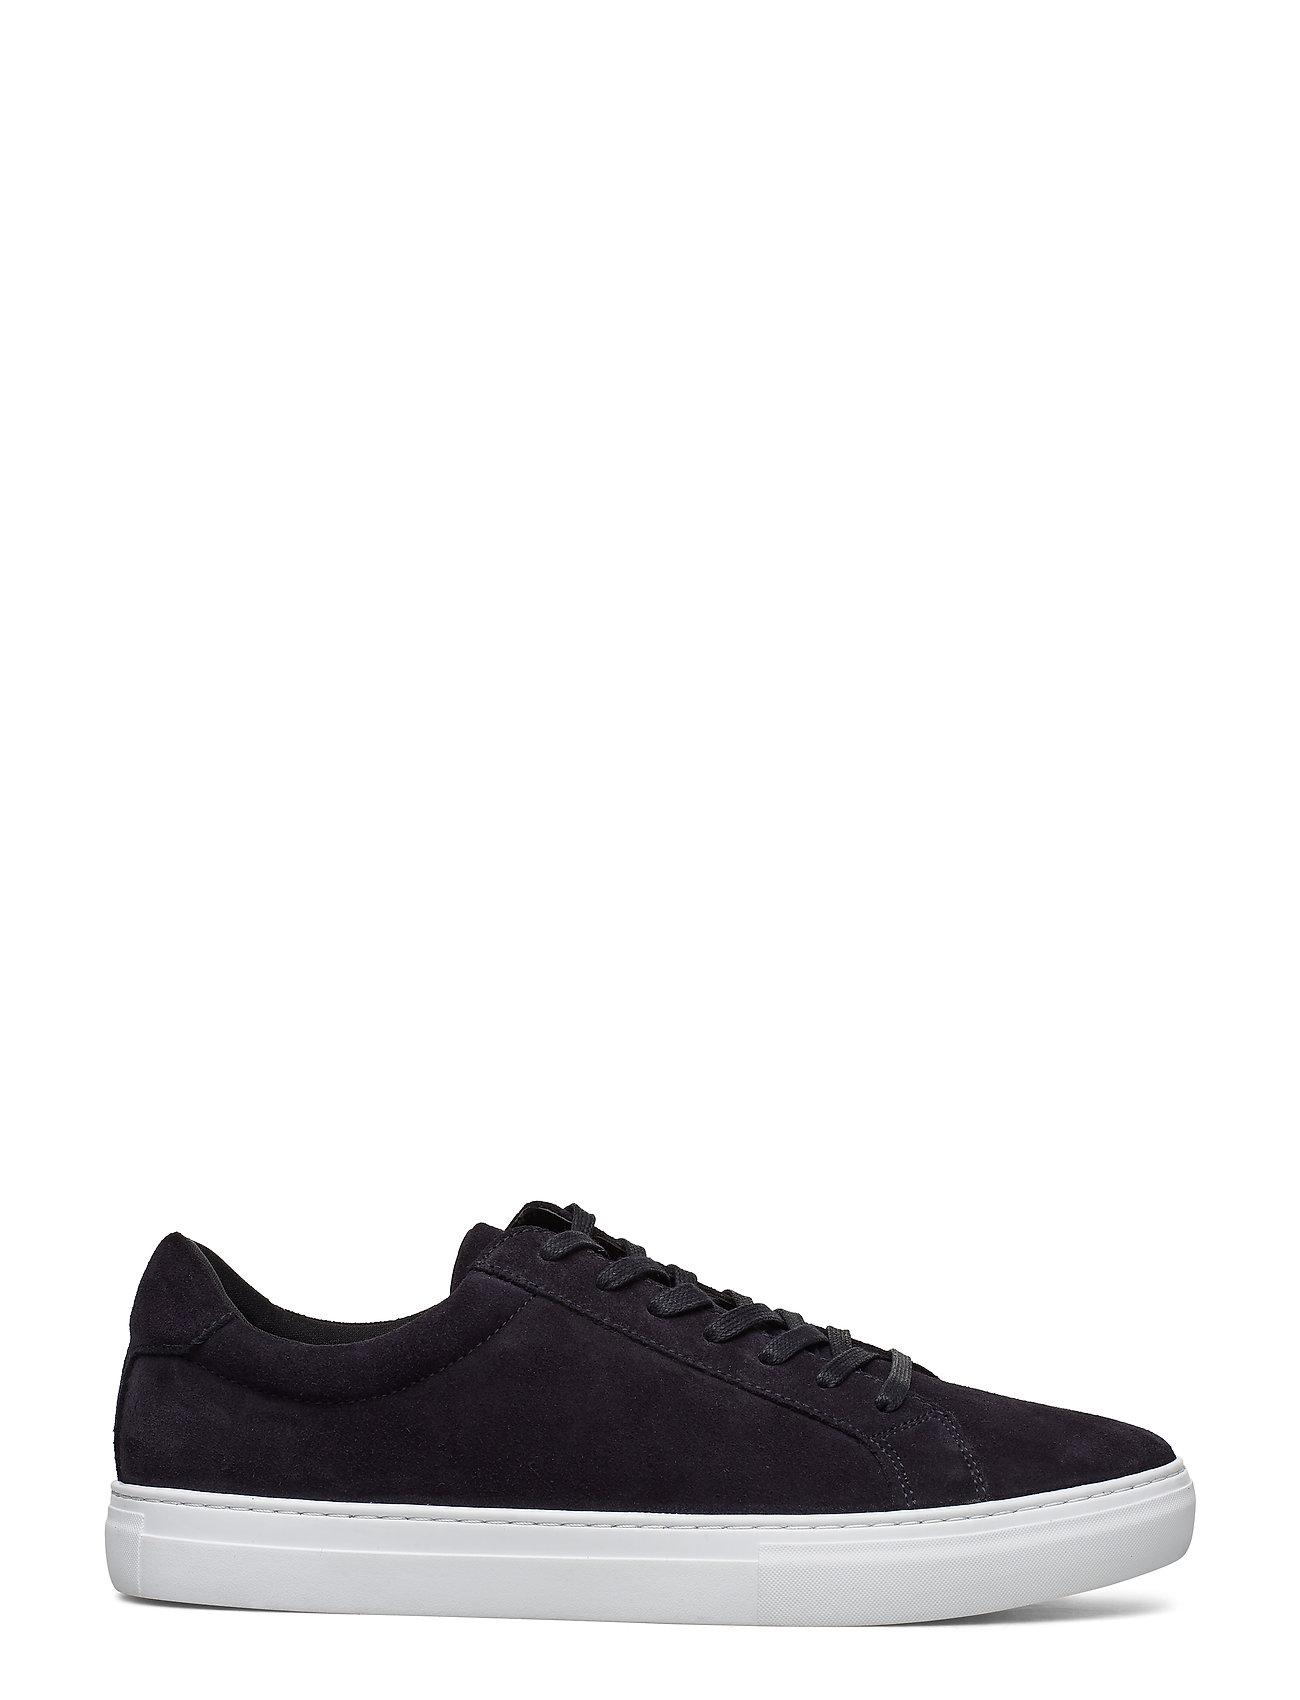 Image of Paul Low-top Sneakers Sort VAGABOND (3494191375)